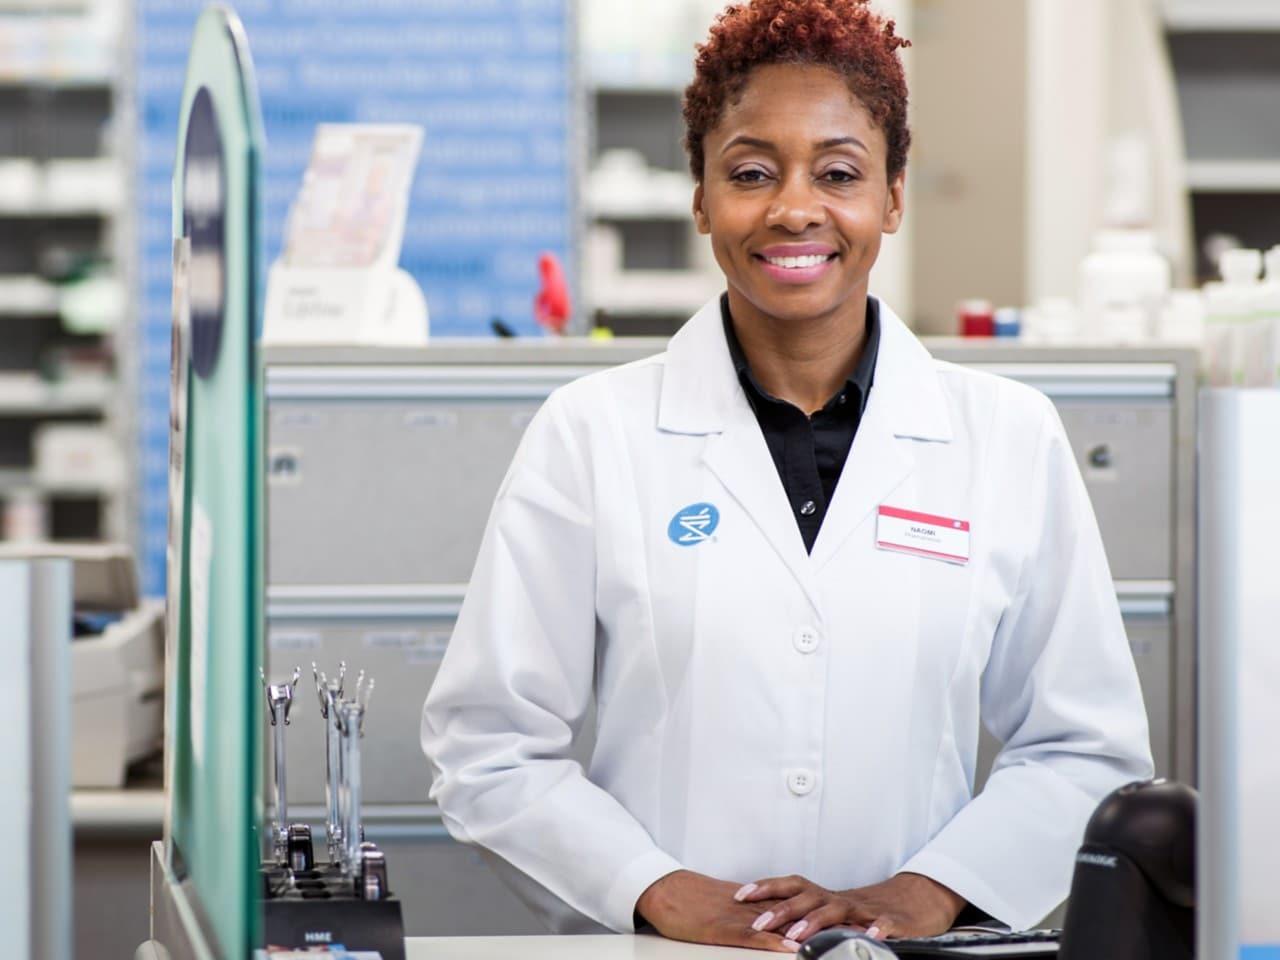 Une dame souriante vêtue d'un sarrau de pharmacie blanc